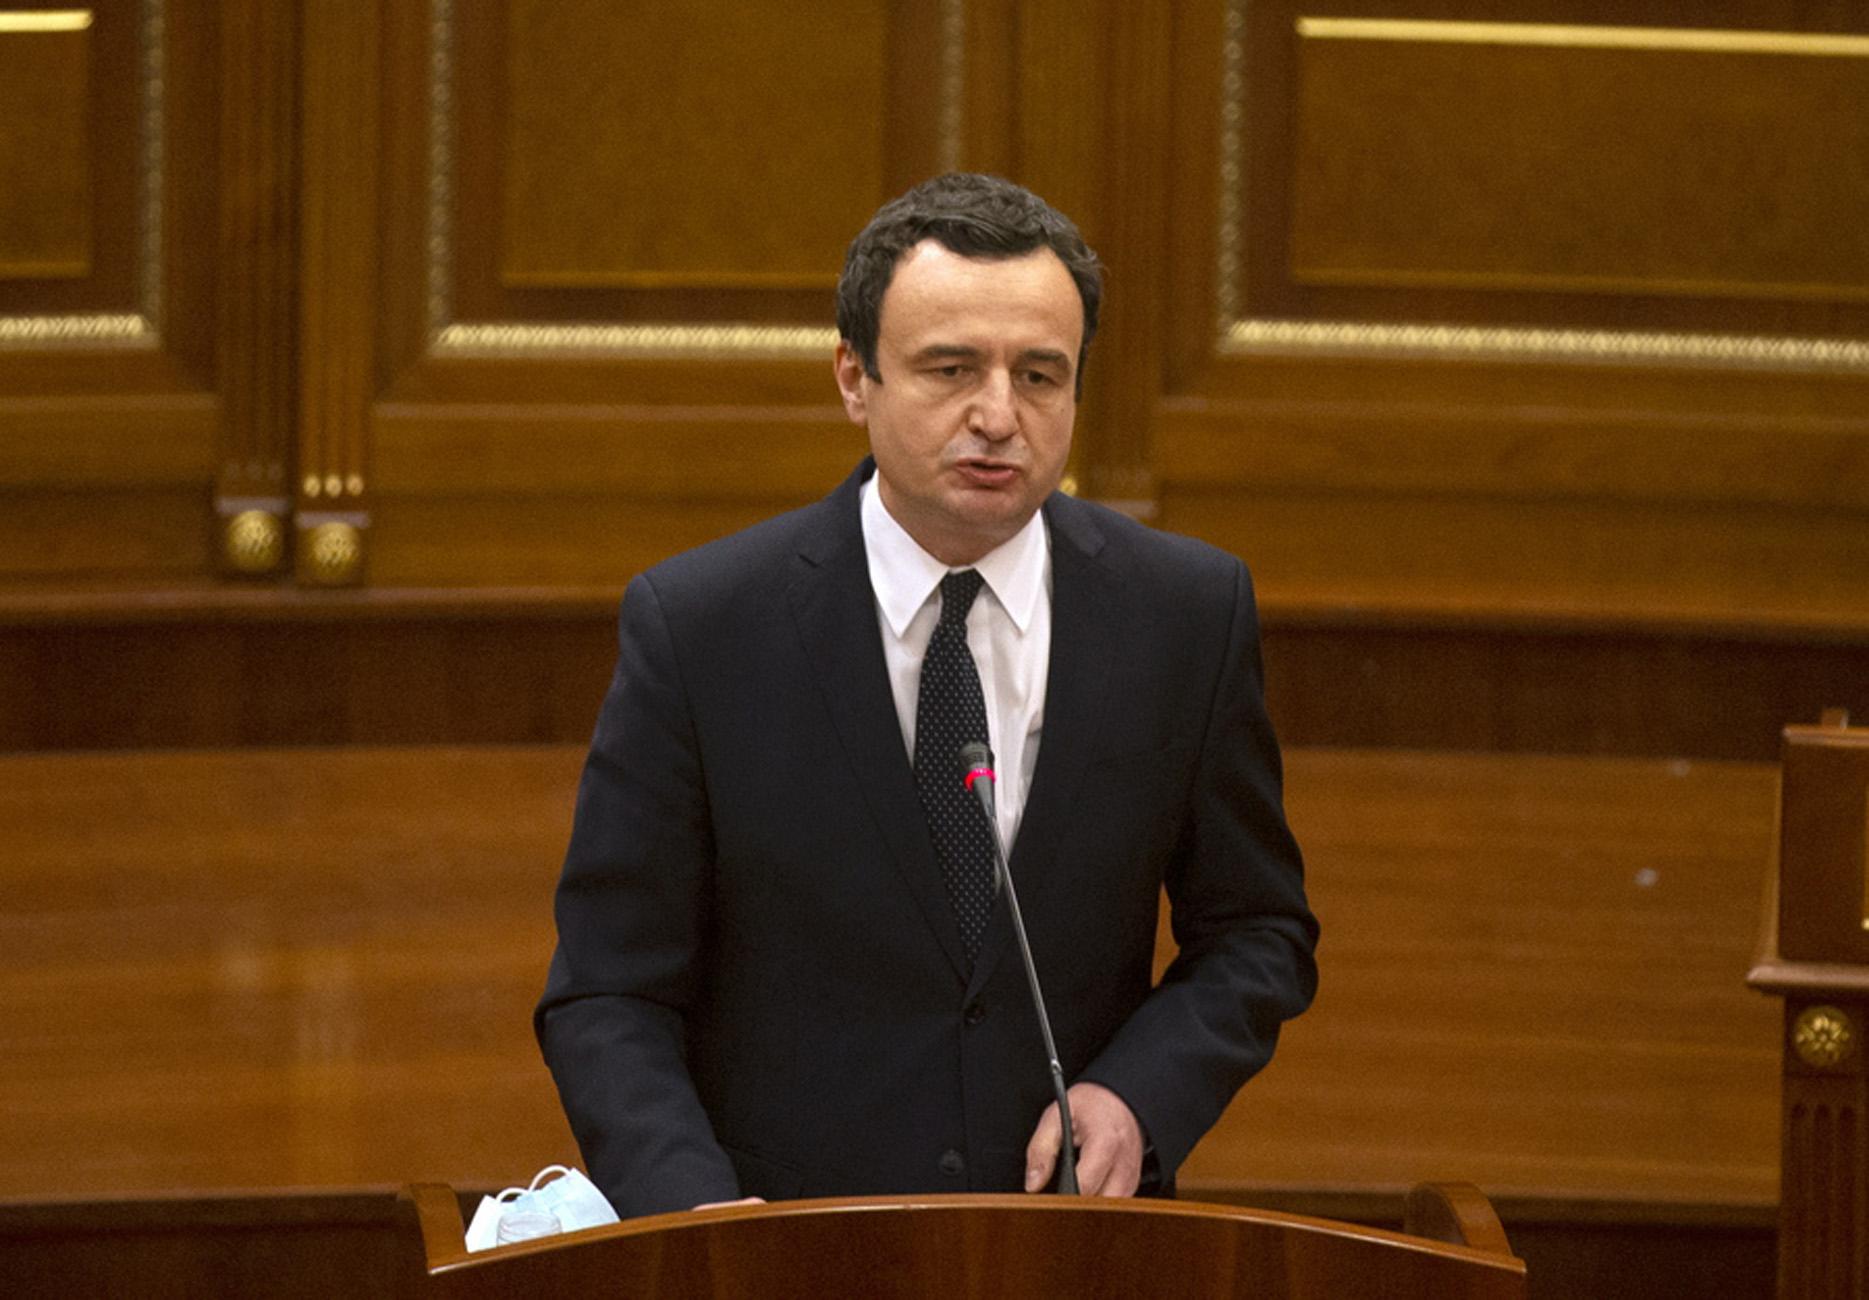 Κόσοβο: Αποχωρεί ο πρωθυπουργός Κούρτι από τις συνομιλίες με τη Σερβία